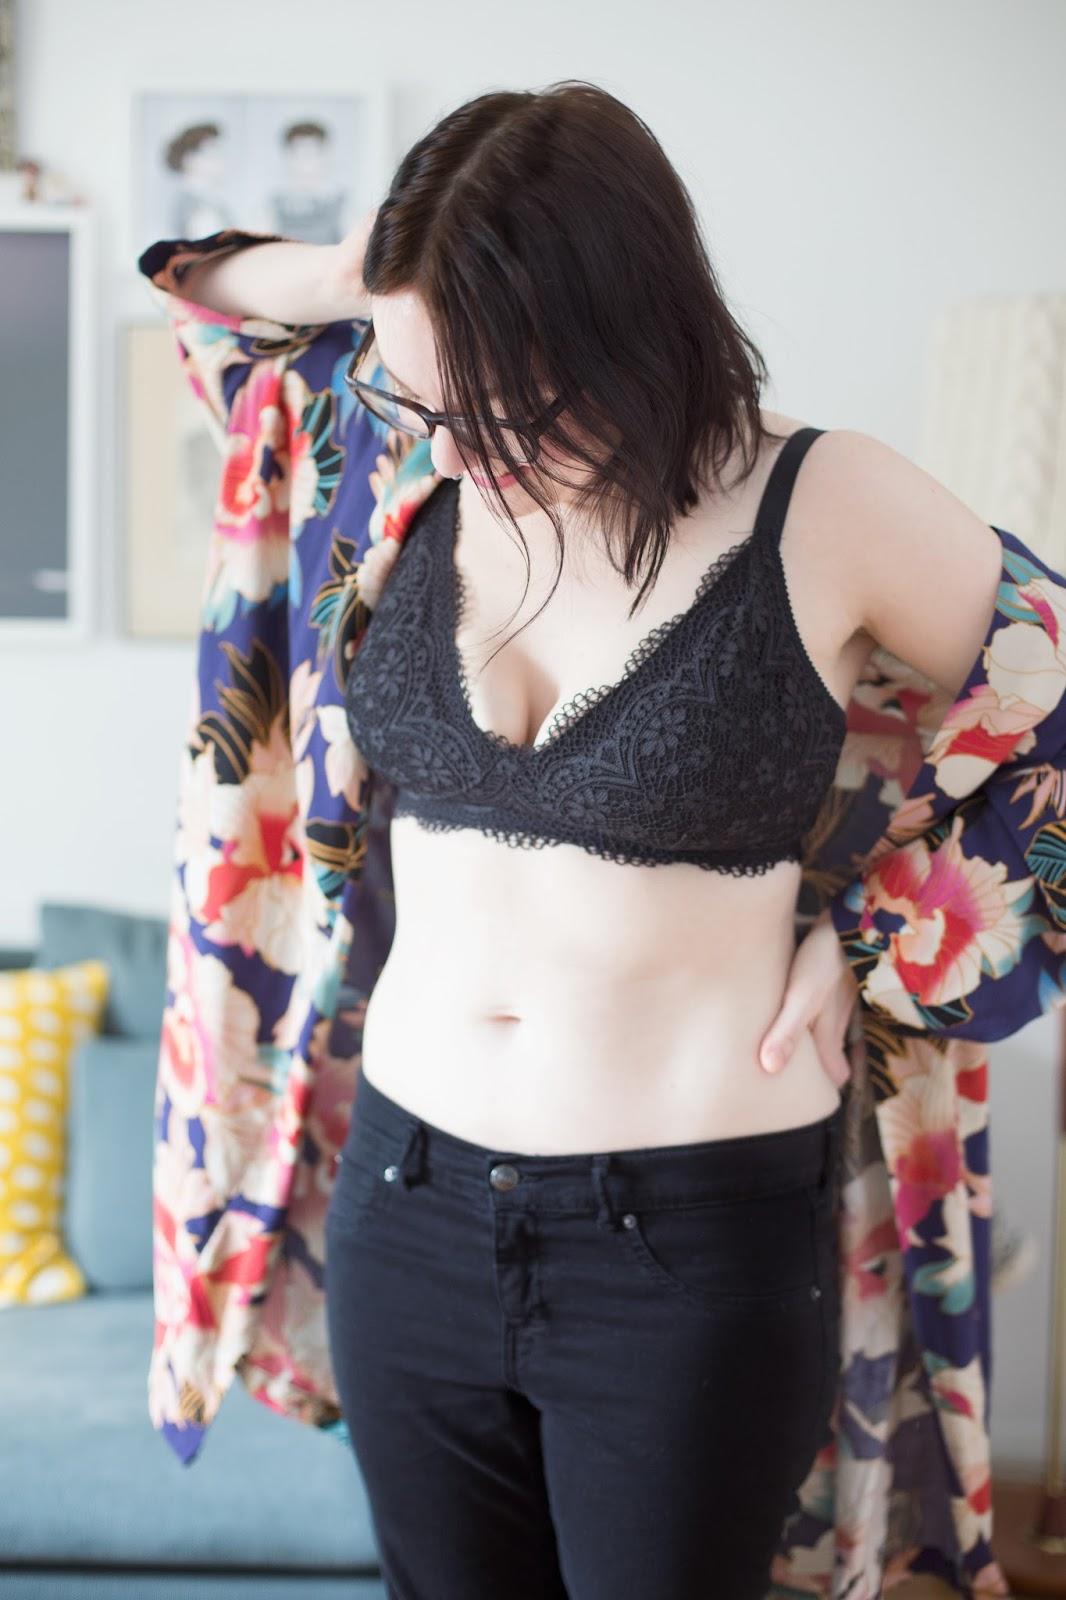 bröst andreas stora